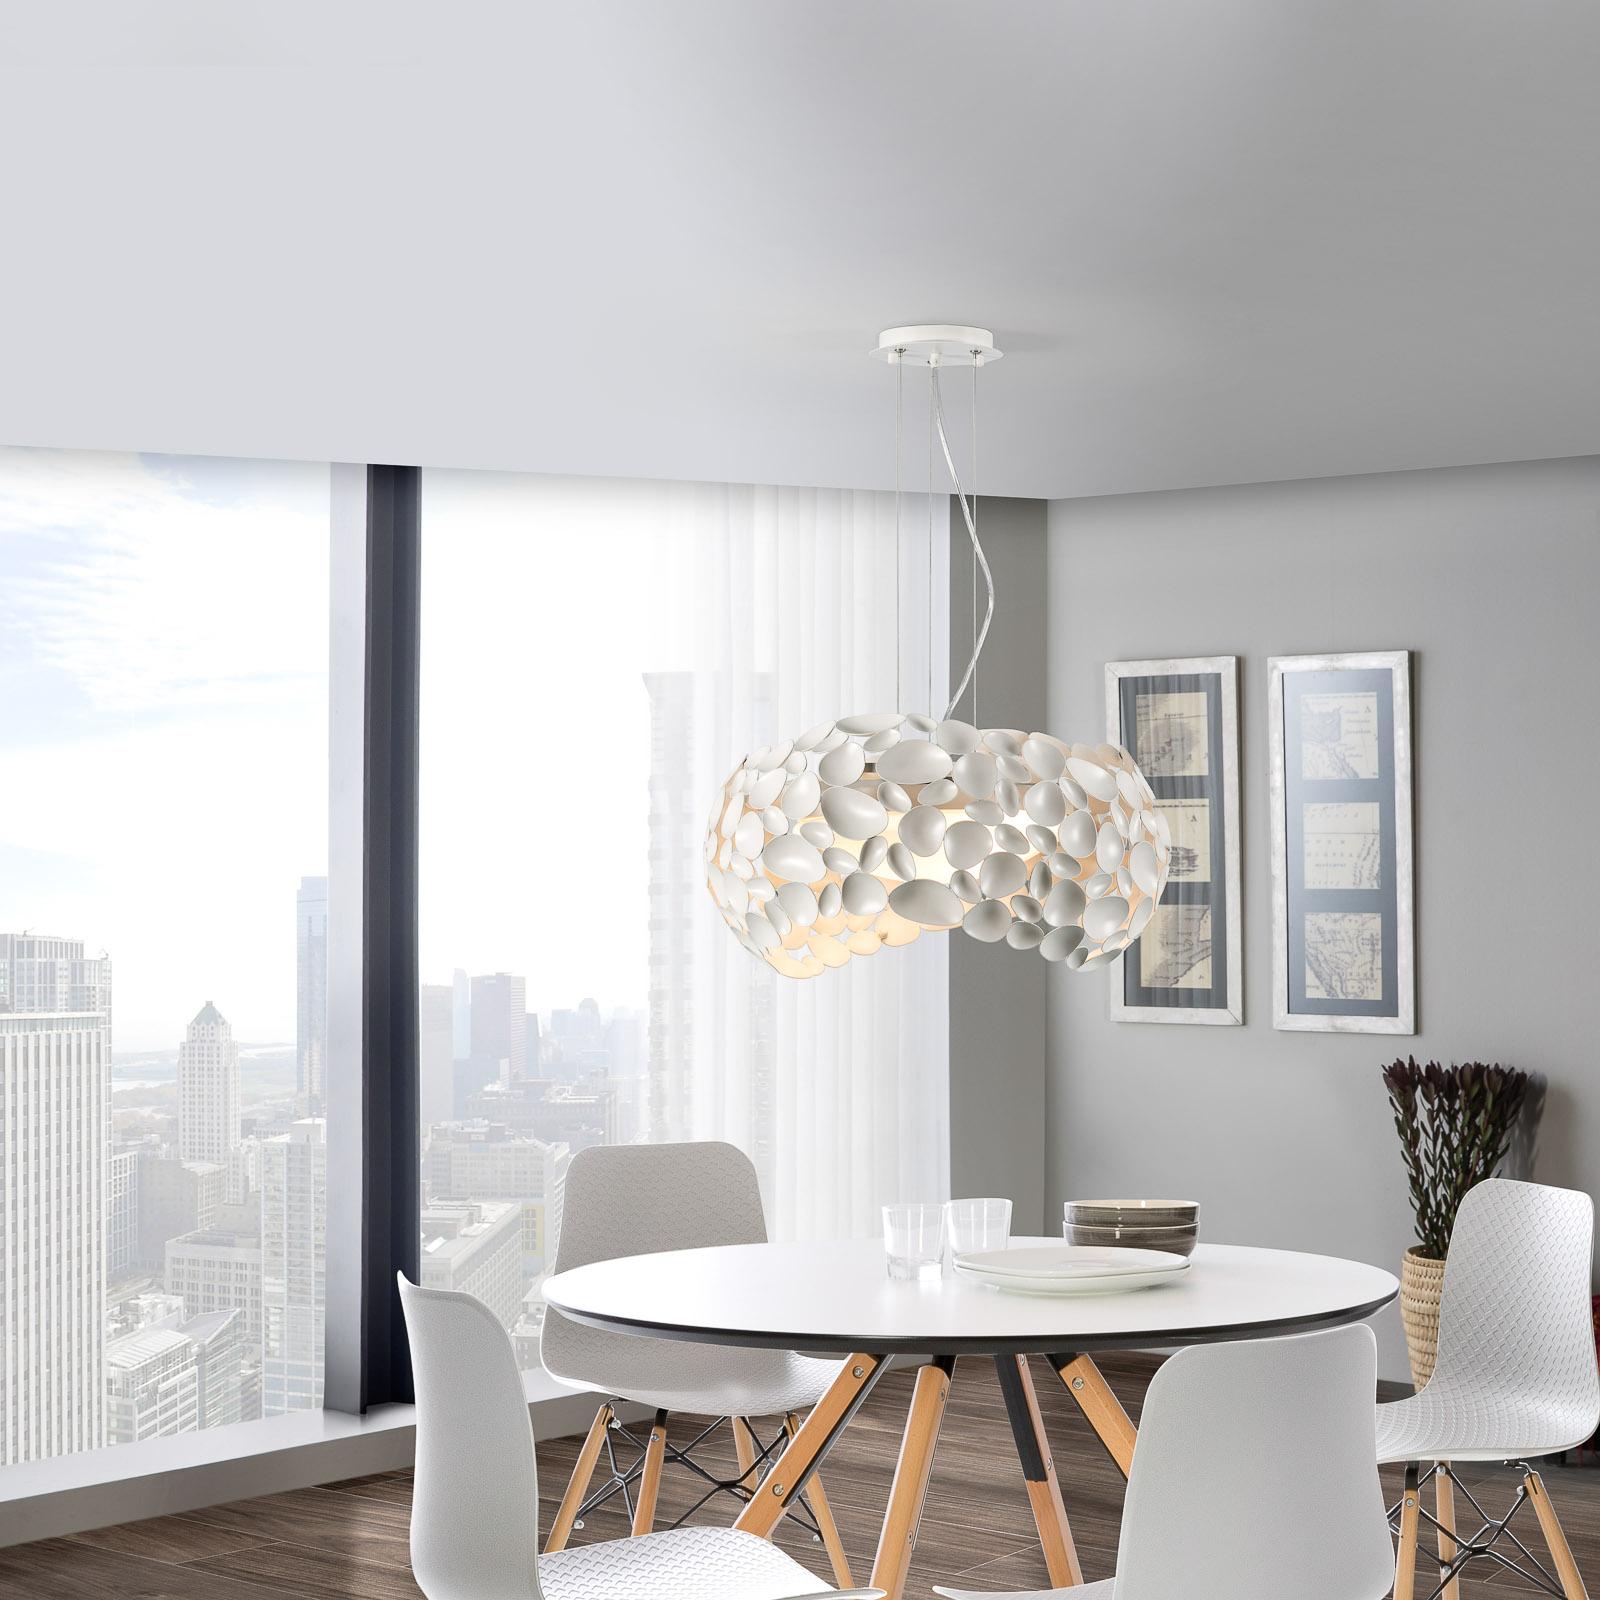 LED hanglamp Narisa 5xG9, Ø47cm, wit